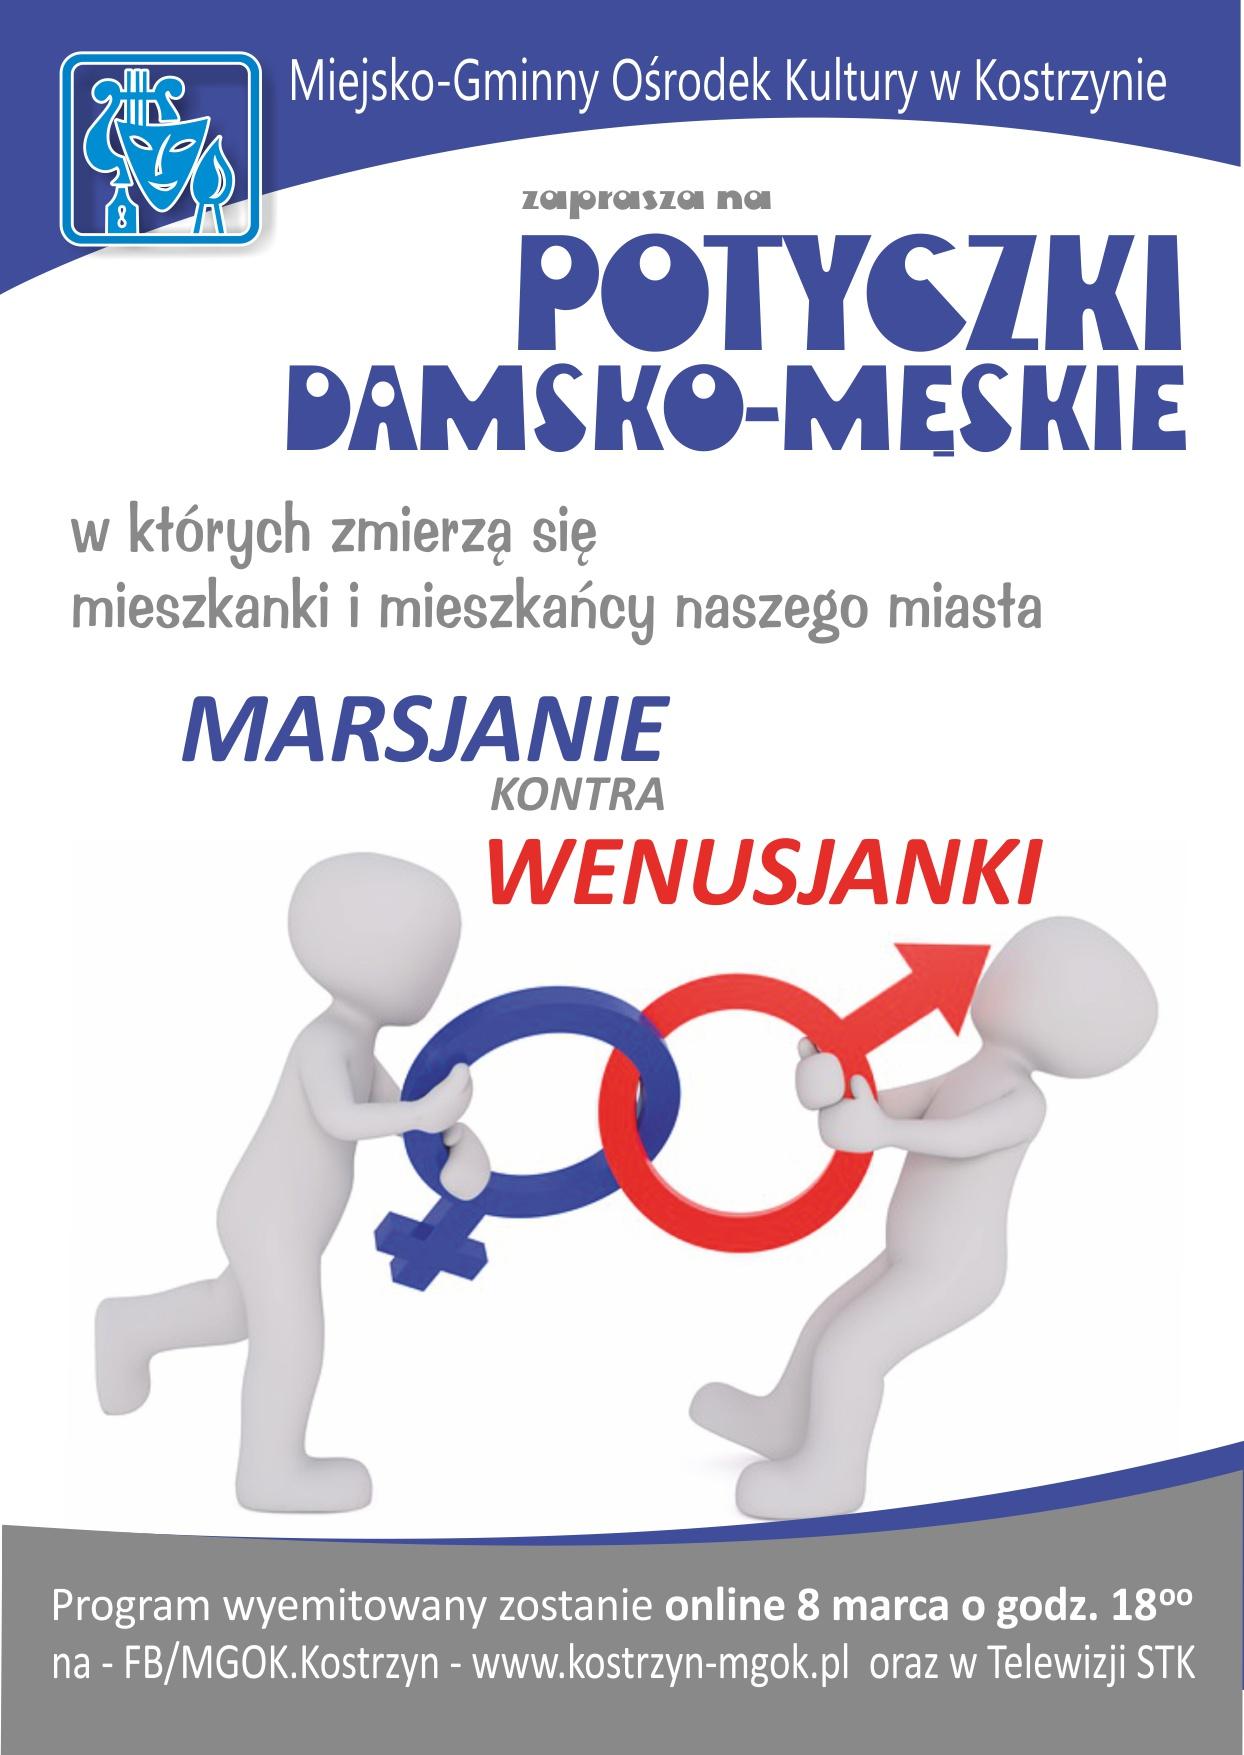 Plakat zapraszający do ogladania potyczek damsko - męskich.